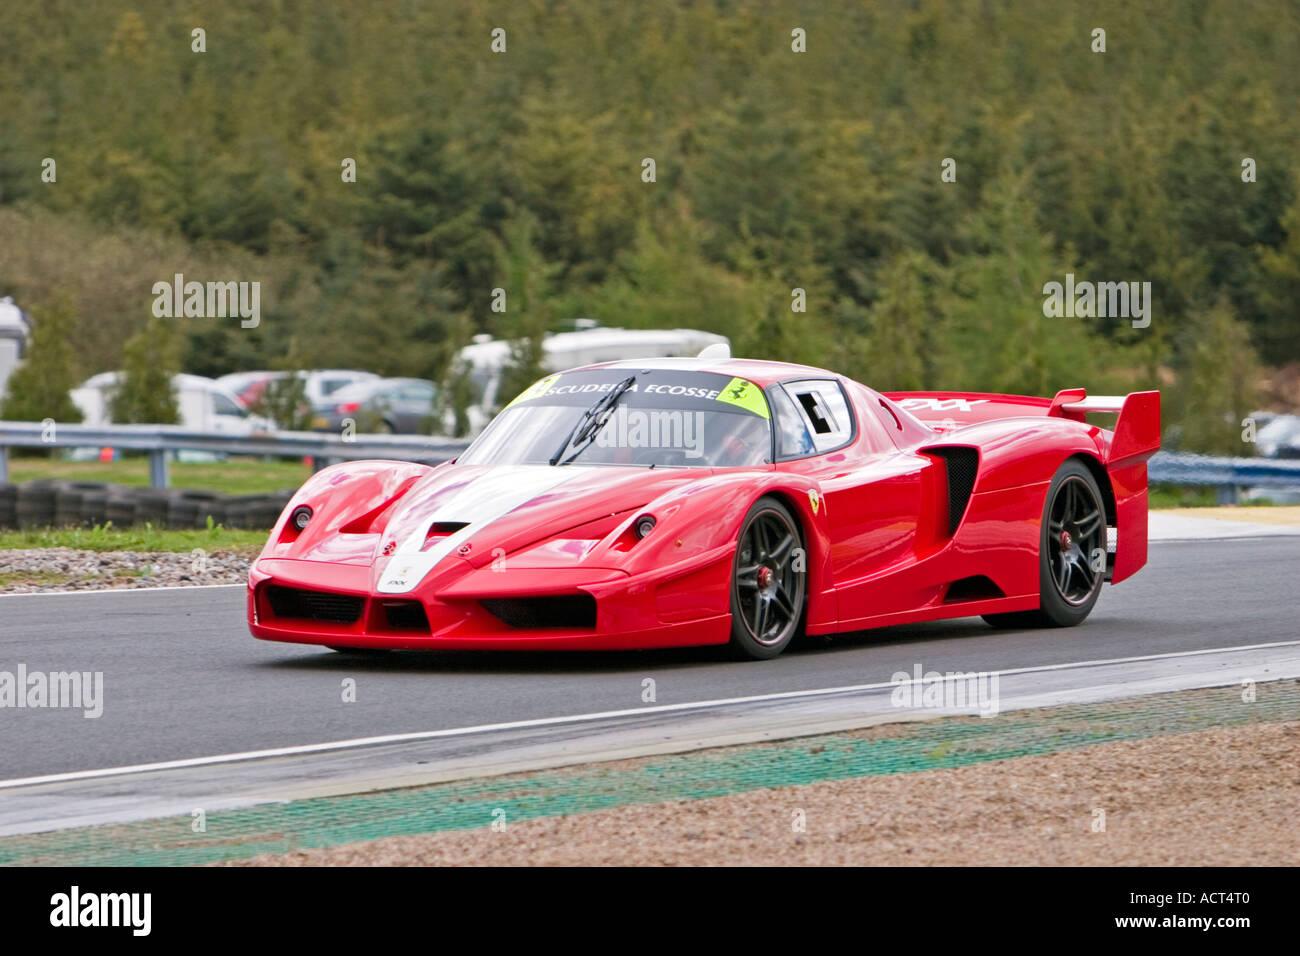 Ferrari Enzo Fxx 2006 Rennwagen Auf Der Rennstrecke Knockhill Stockfotografie Alamy